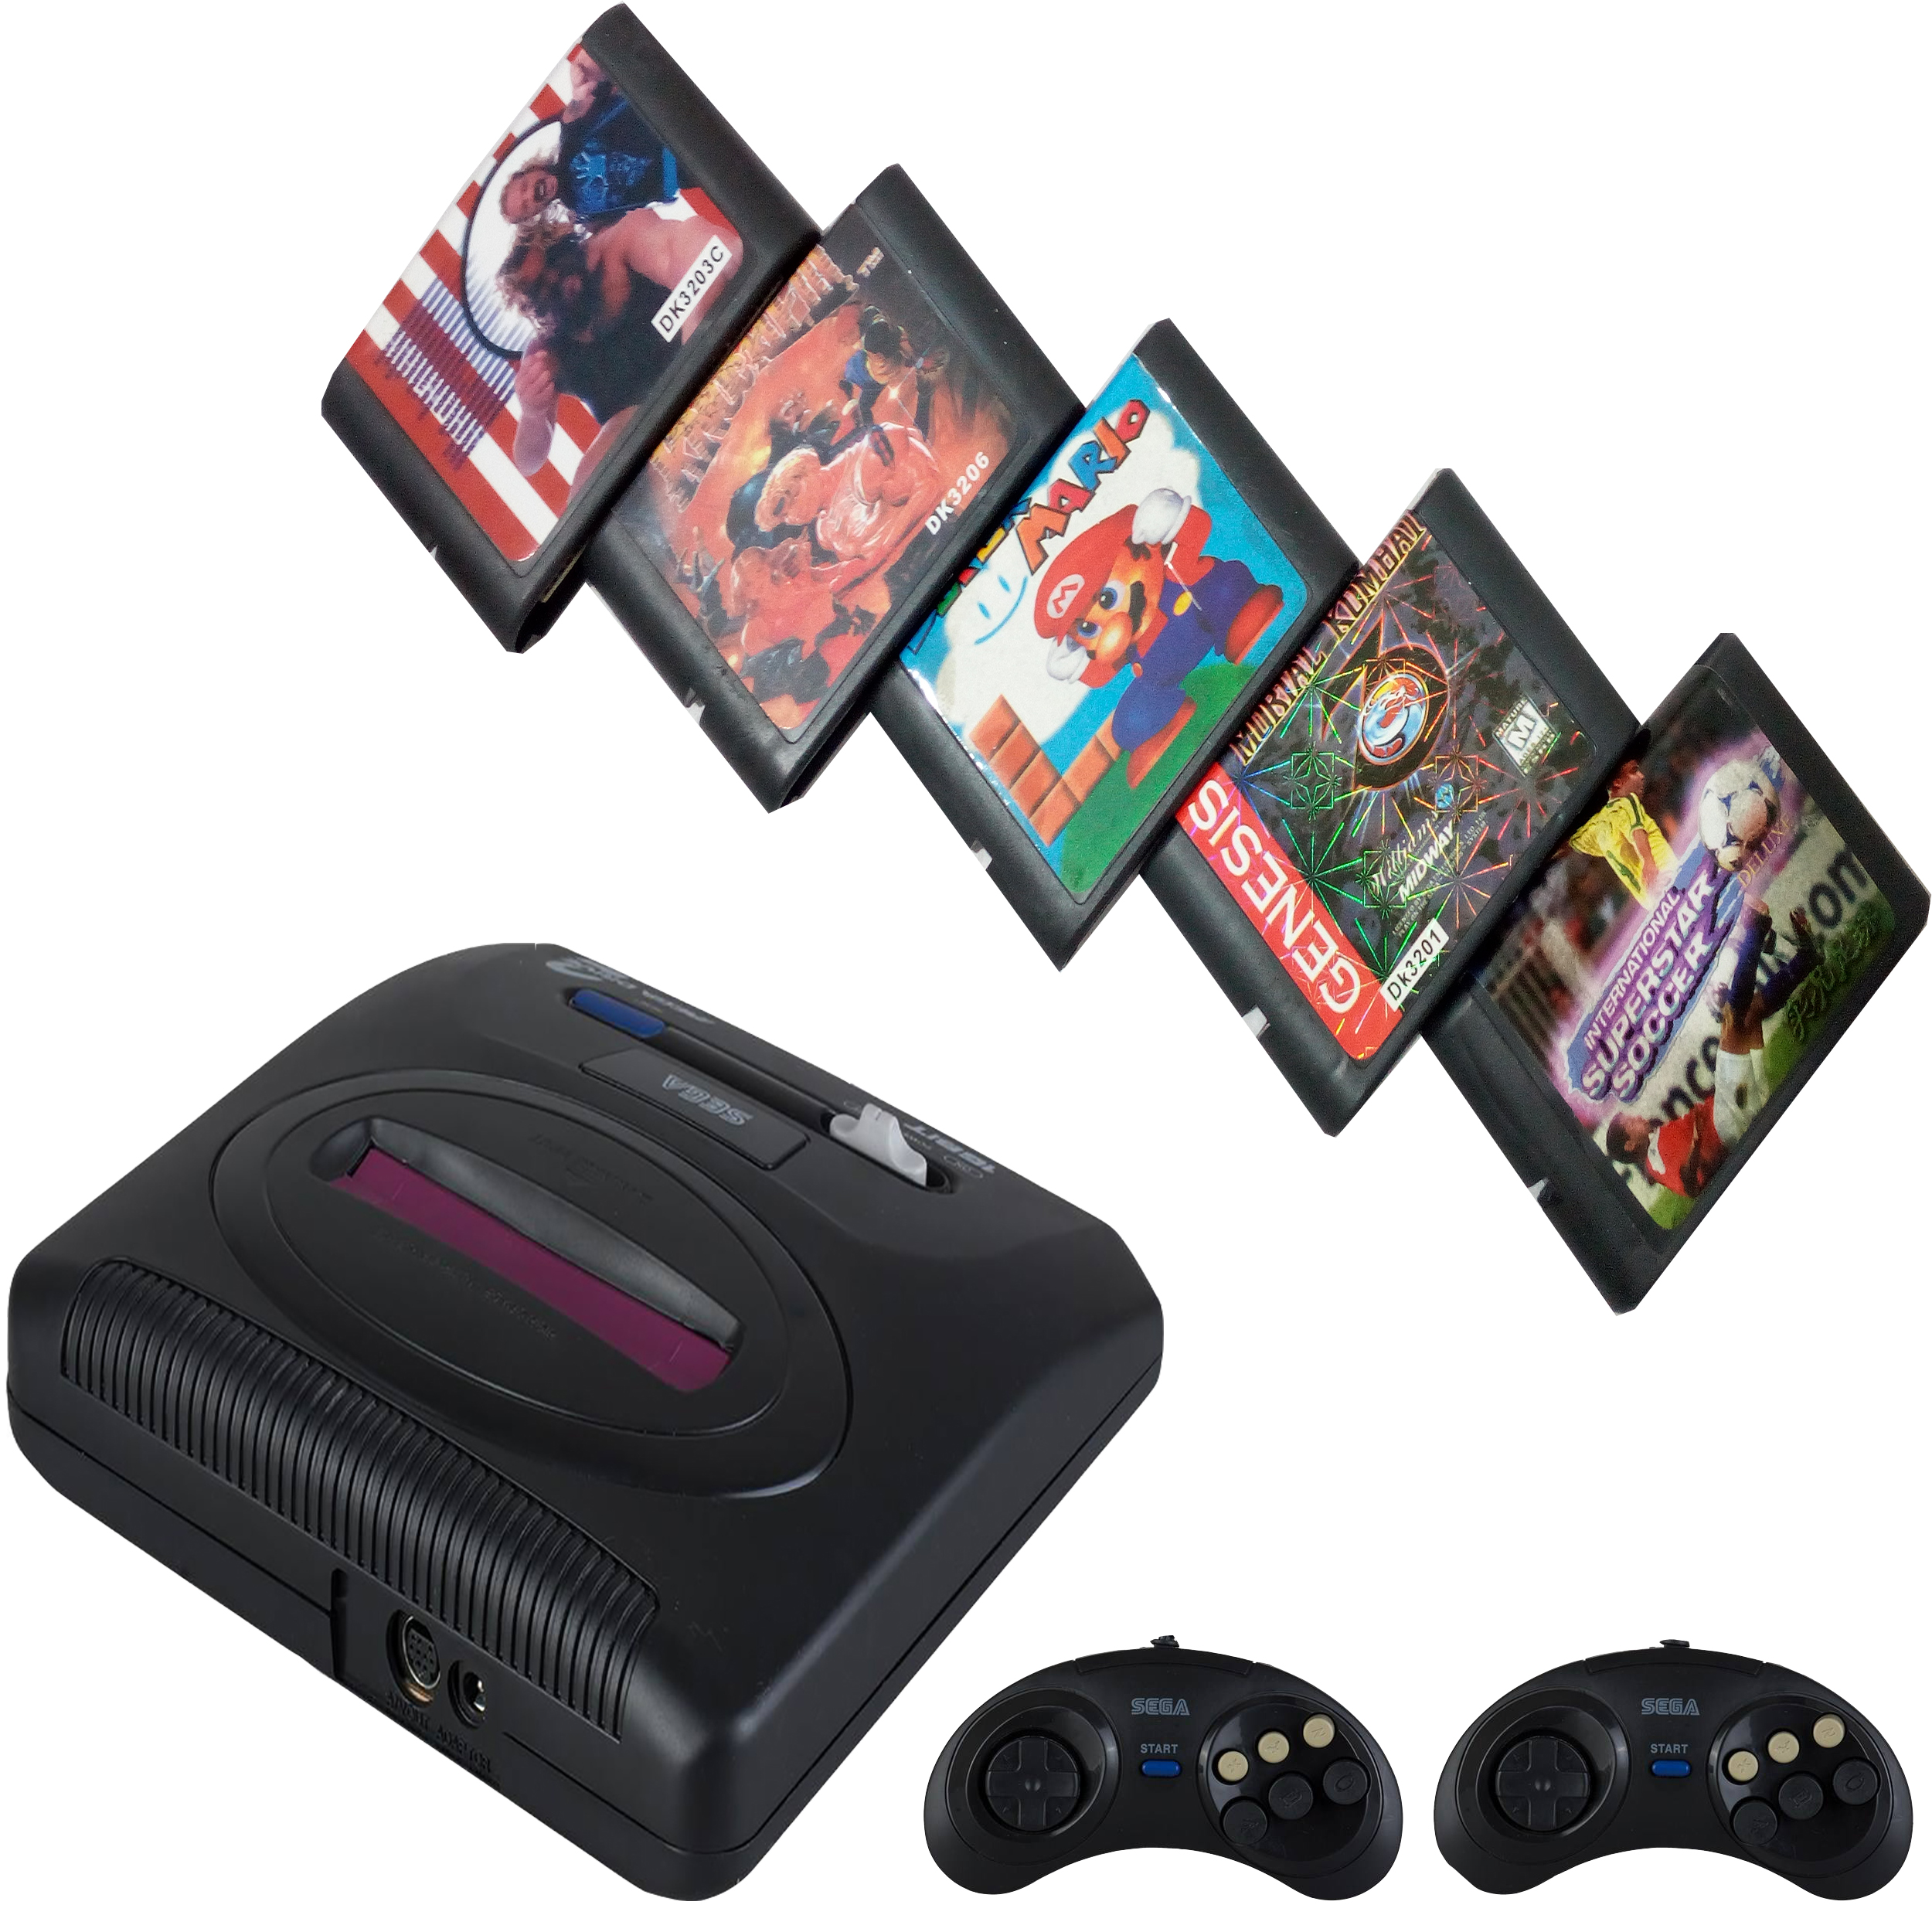 کنسول بازی سگا مدل Medda drive 3 به همراه 5 عدد بازی